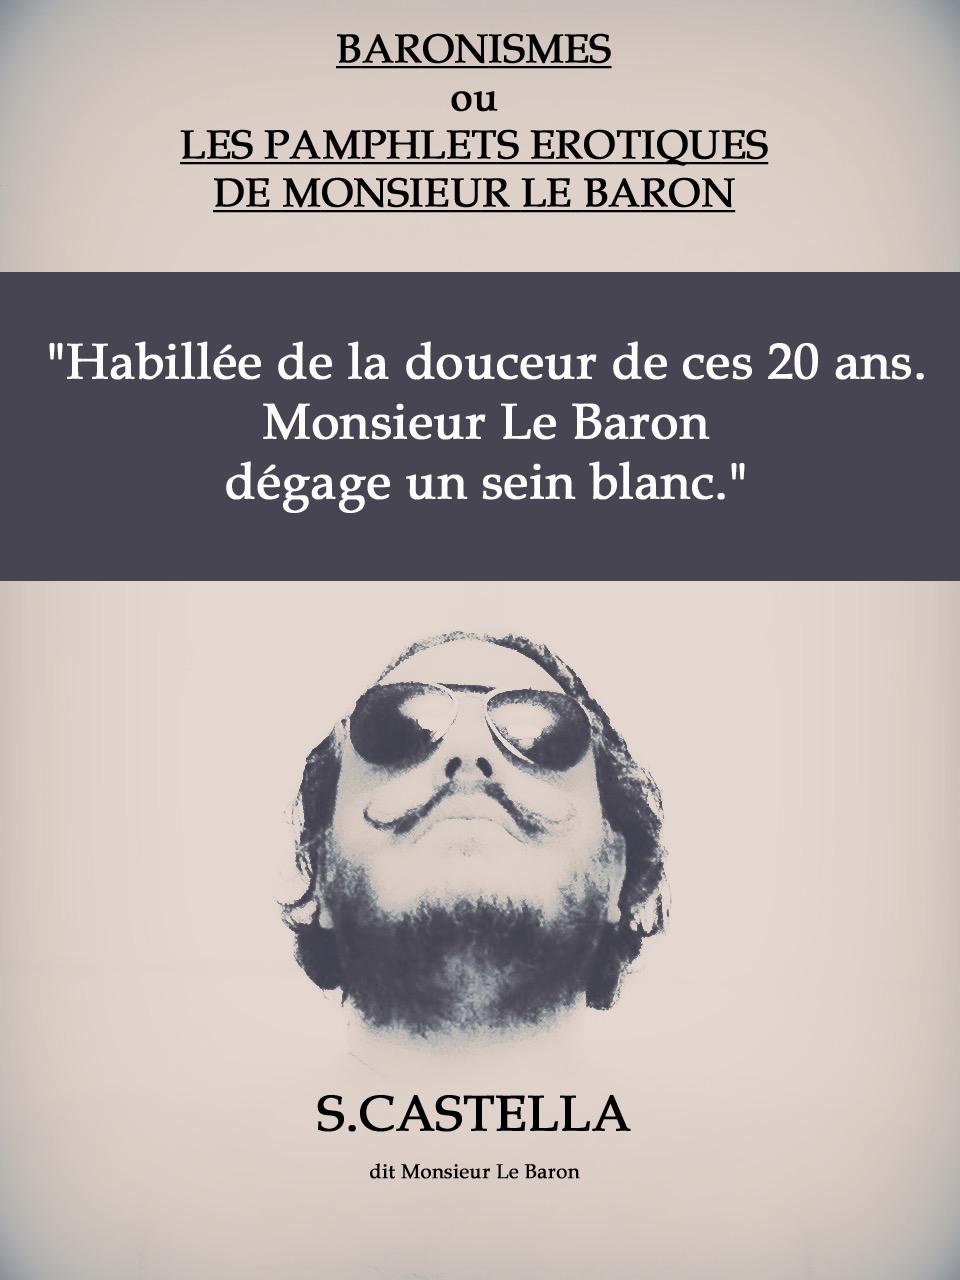 castella-baronisme5